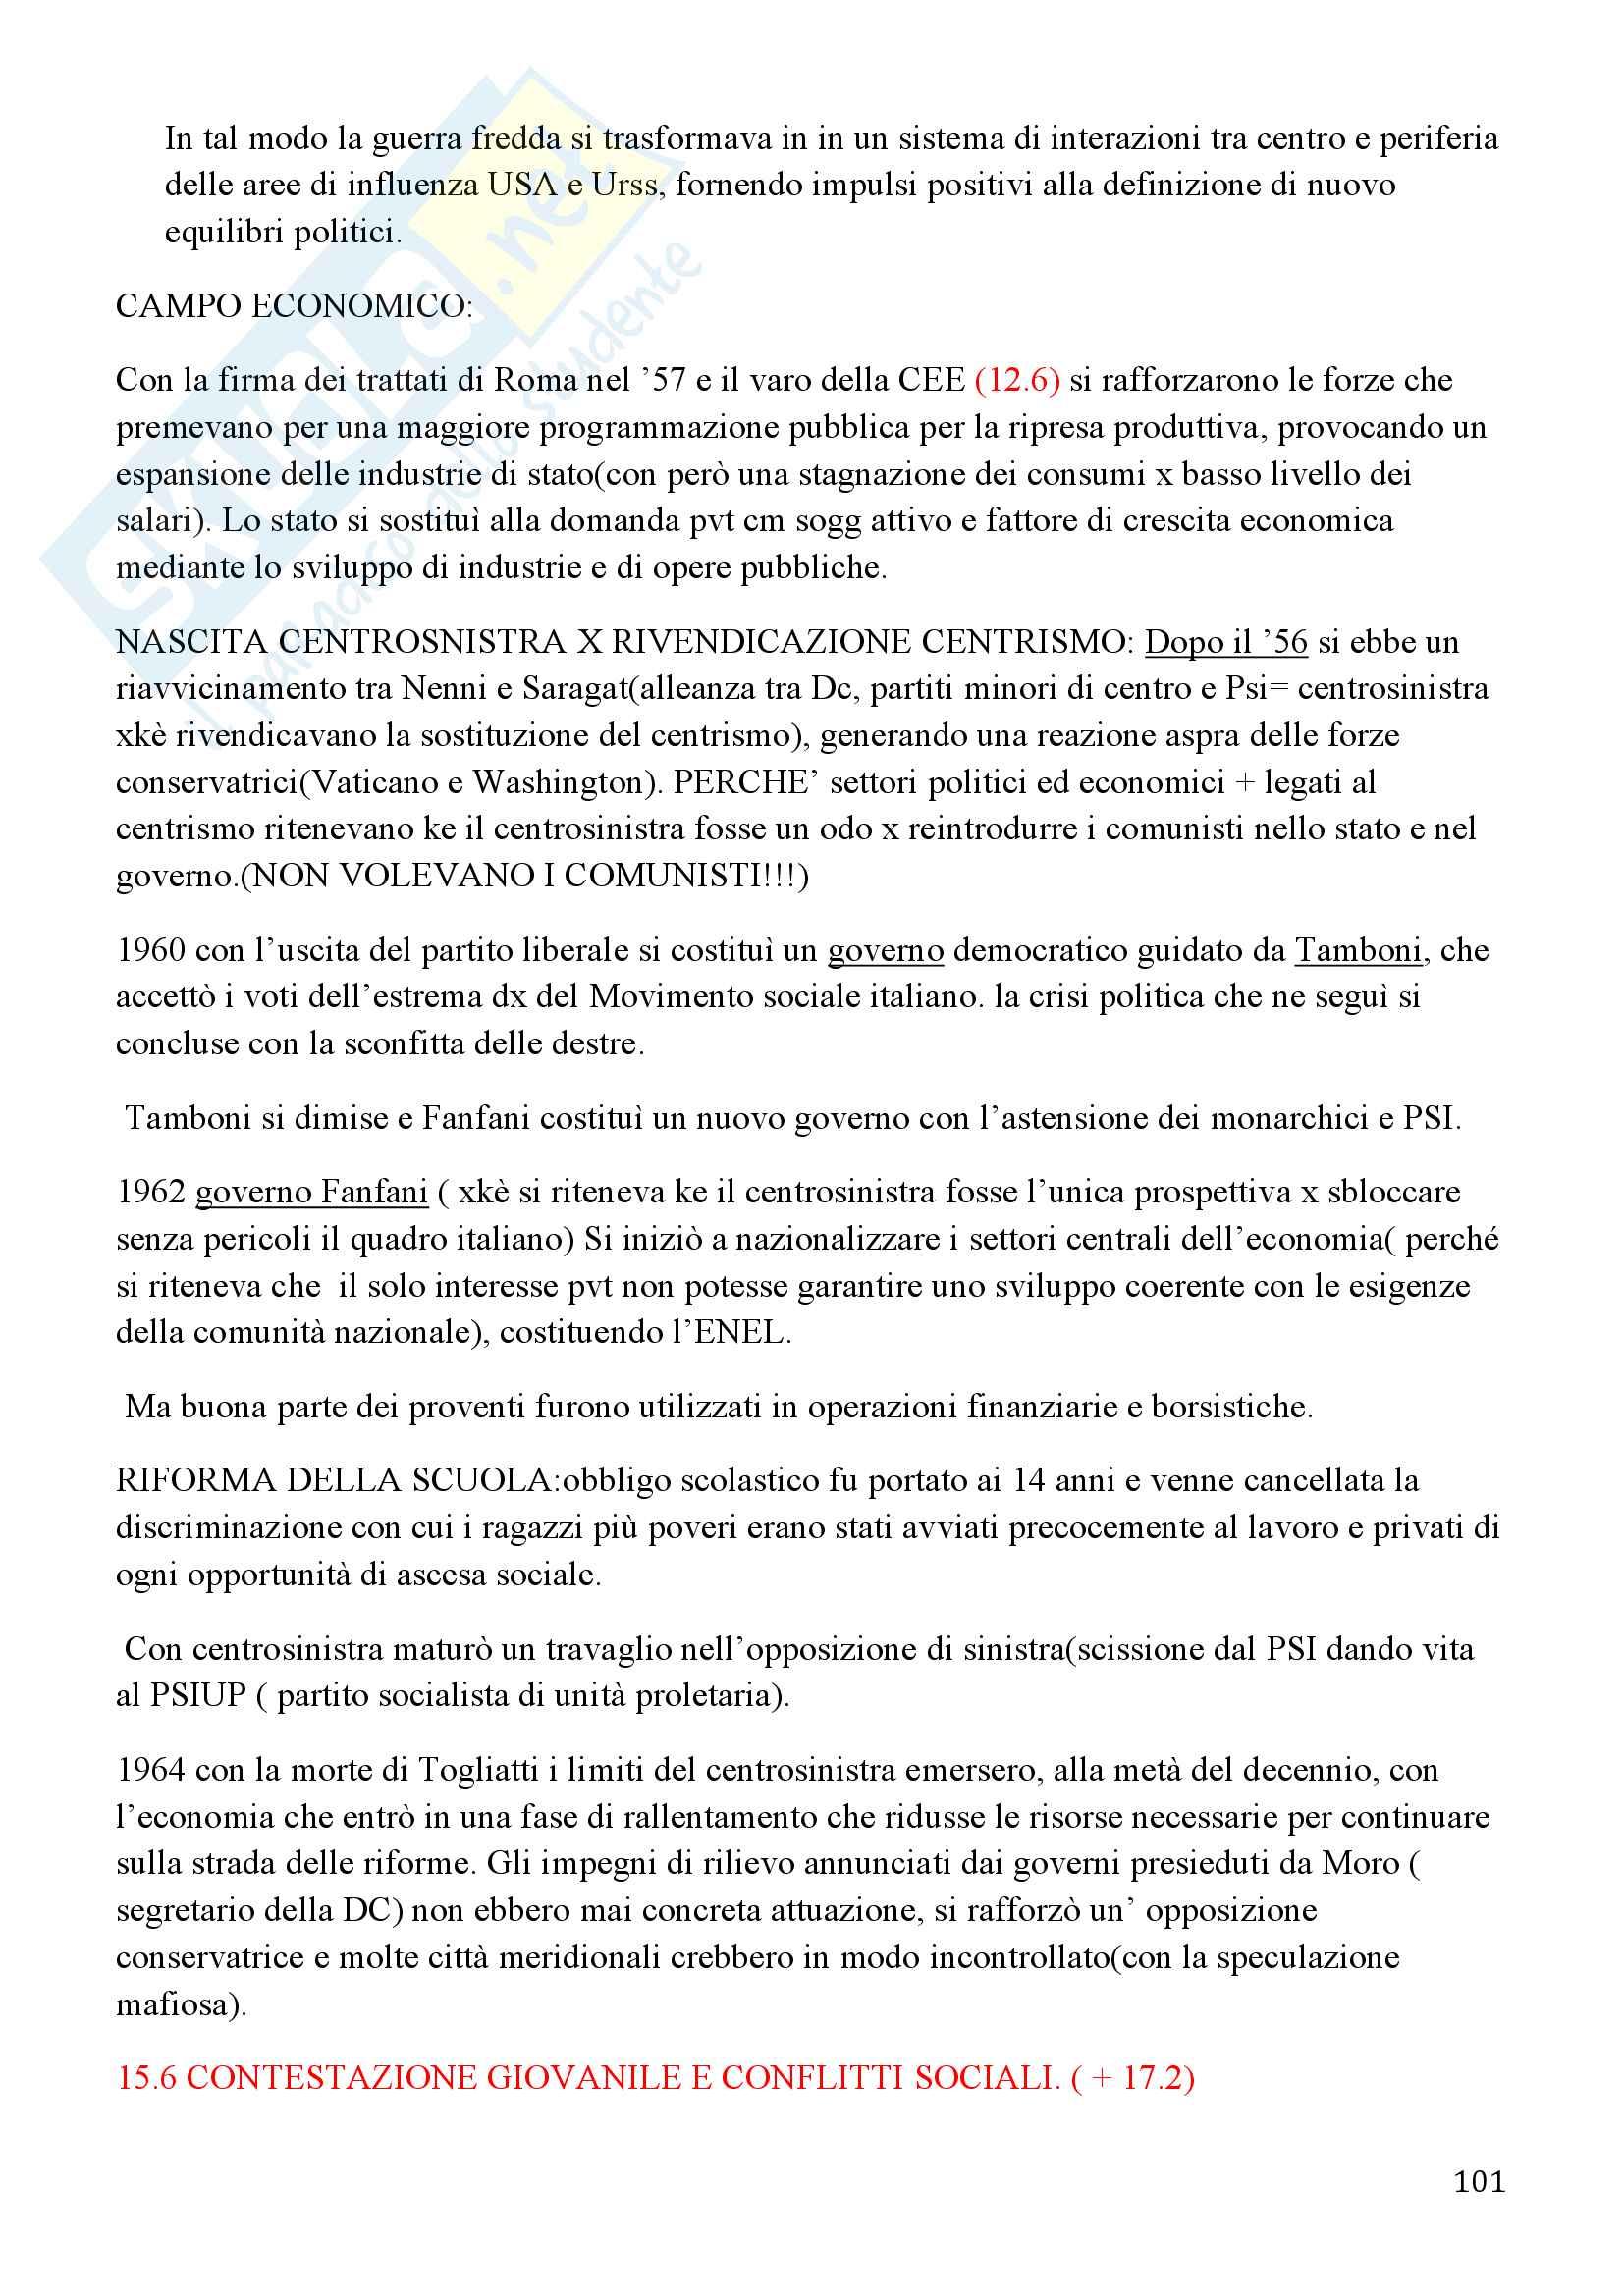 Storia Contemporanea, Detti, Gozzini il Novecento - Riassunto Pag. 101